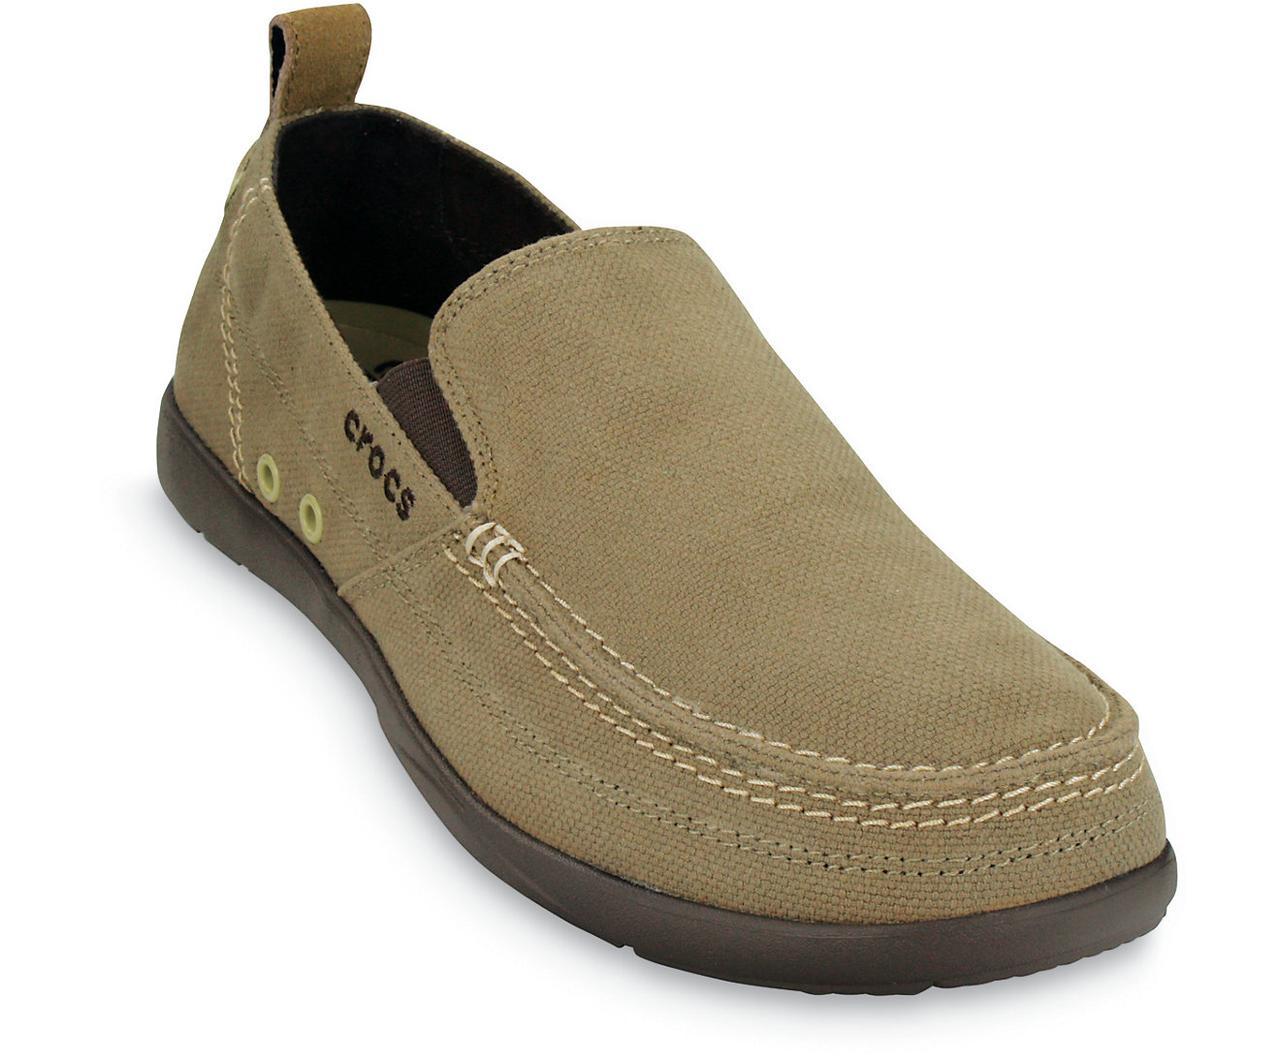 Лоферы мужские текстильные мокасины Кроксы Валу оригинал / Crocs Mens Walu Loafer